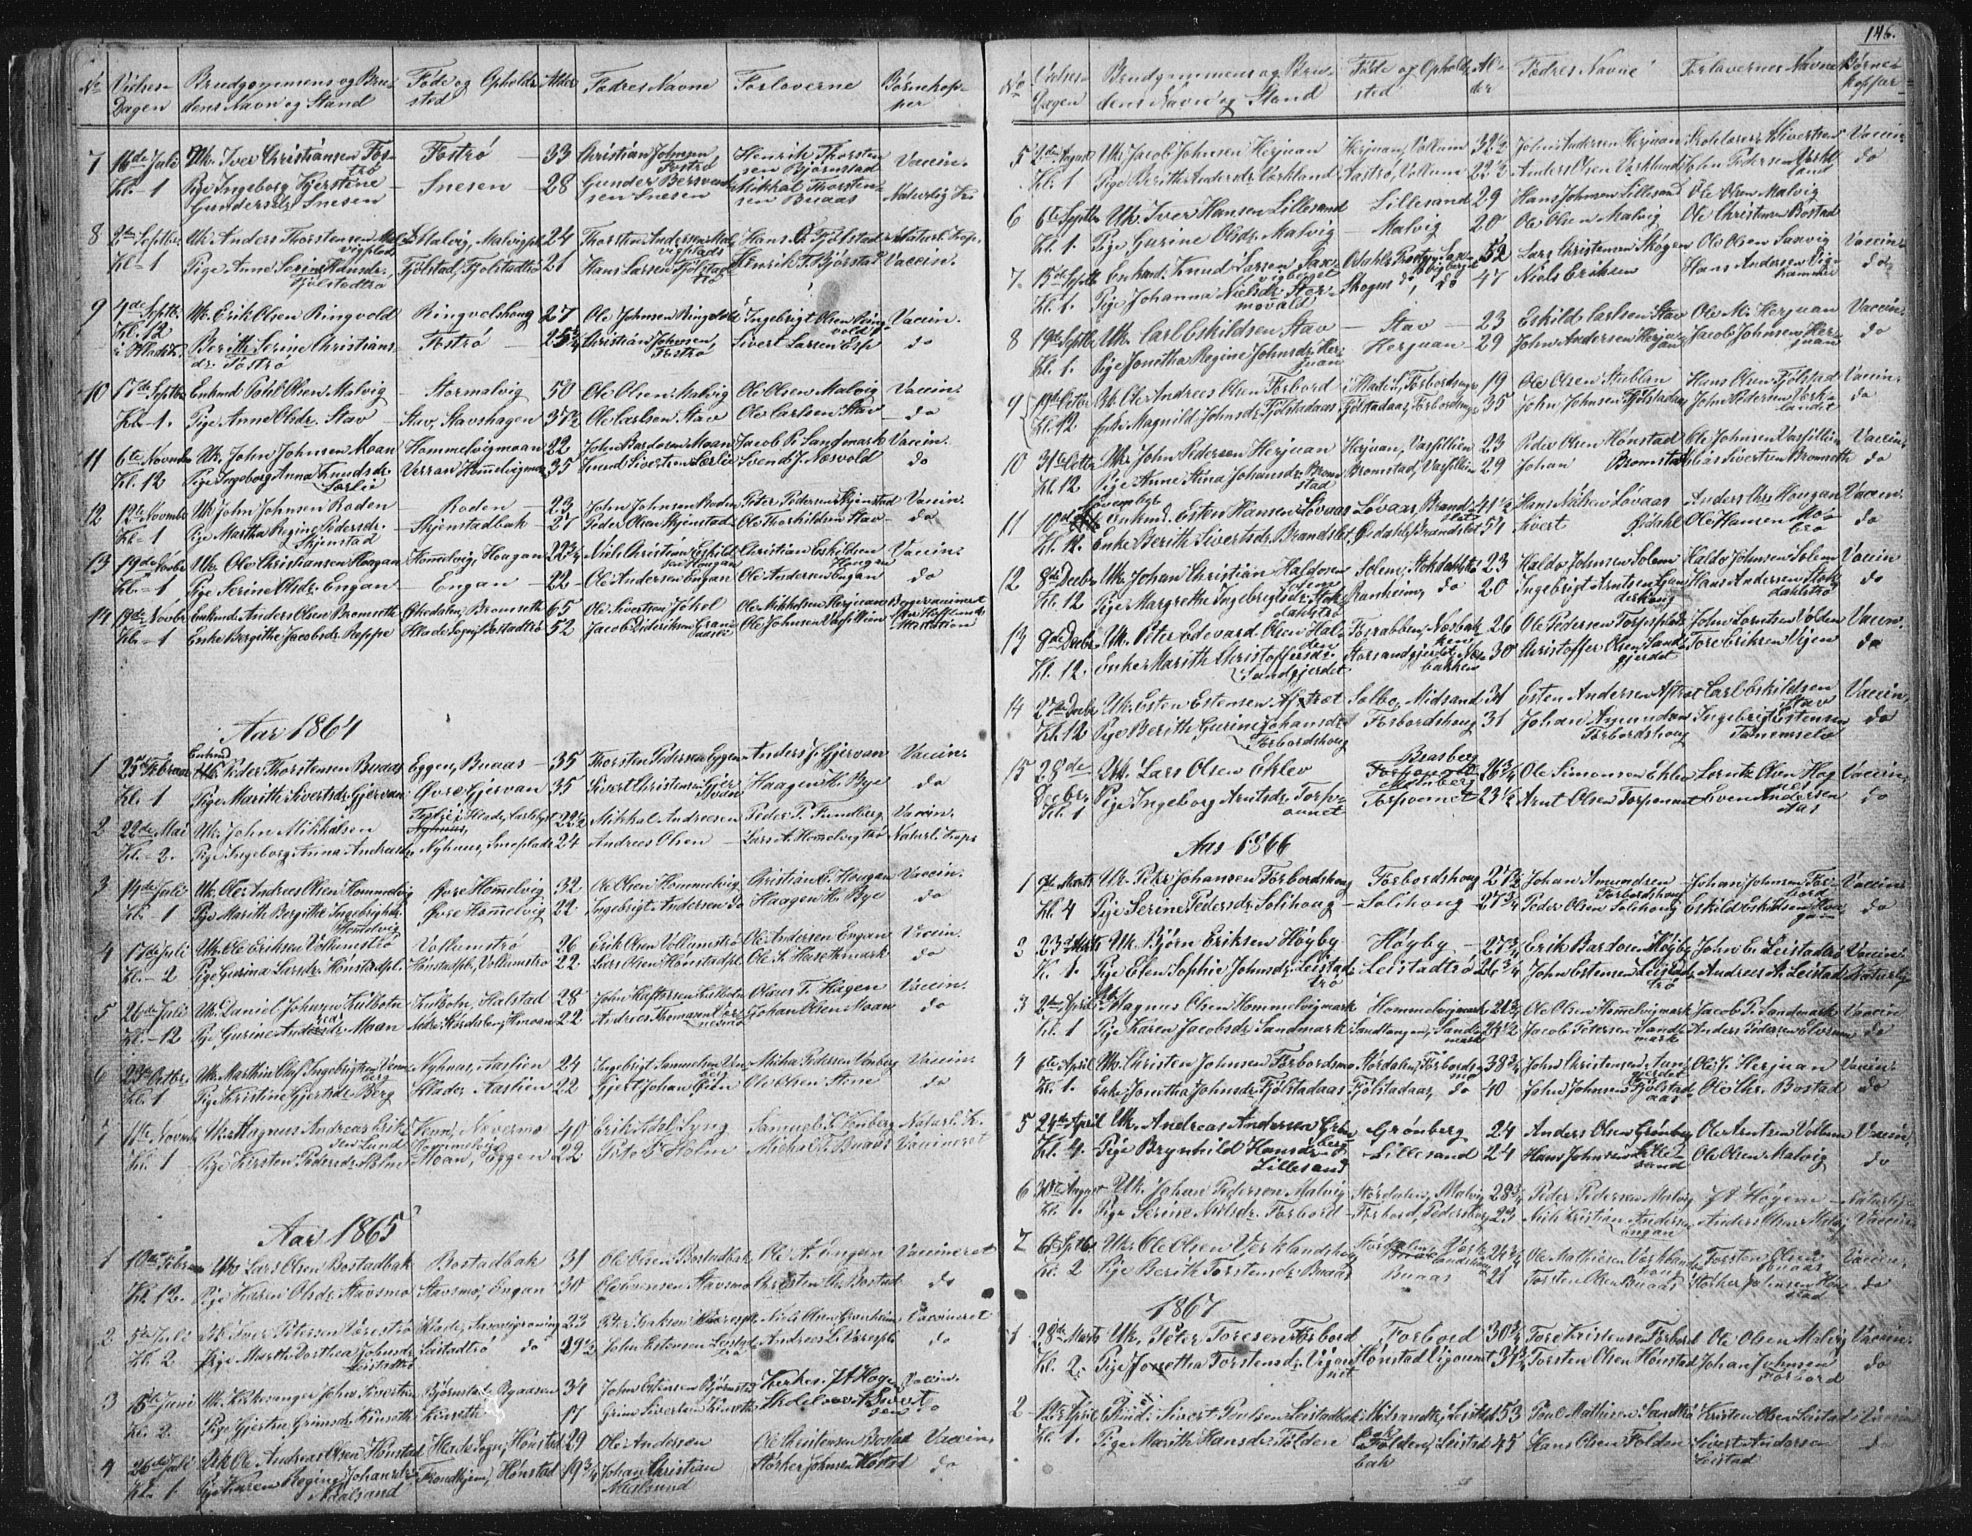 SAT, Ministerialprotokoller, klokkerbøker og fødselsregistre - Sør-Trøndelag, 616/L0406: Ministerialbok nr. 616A03, 1843-1879, s. 146